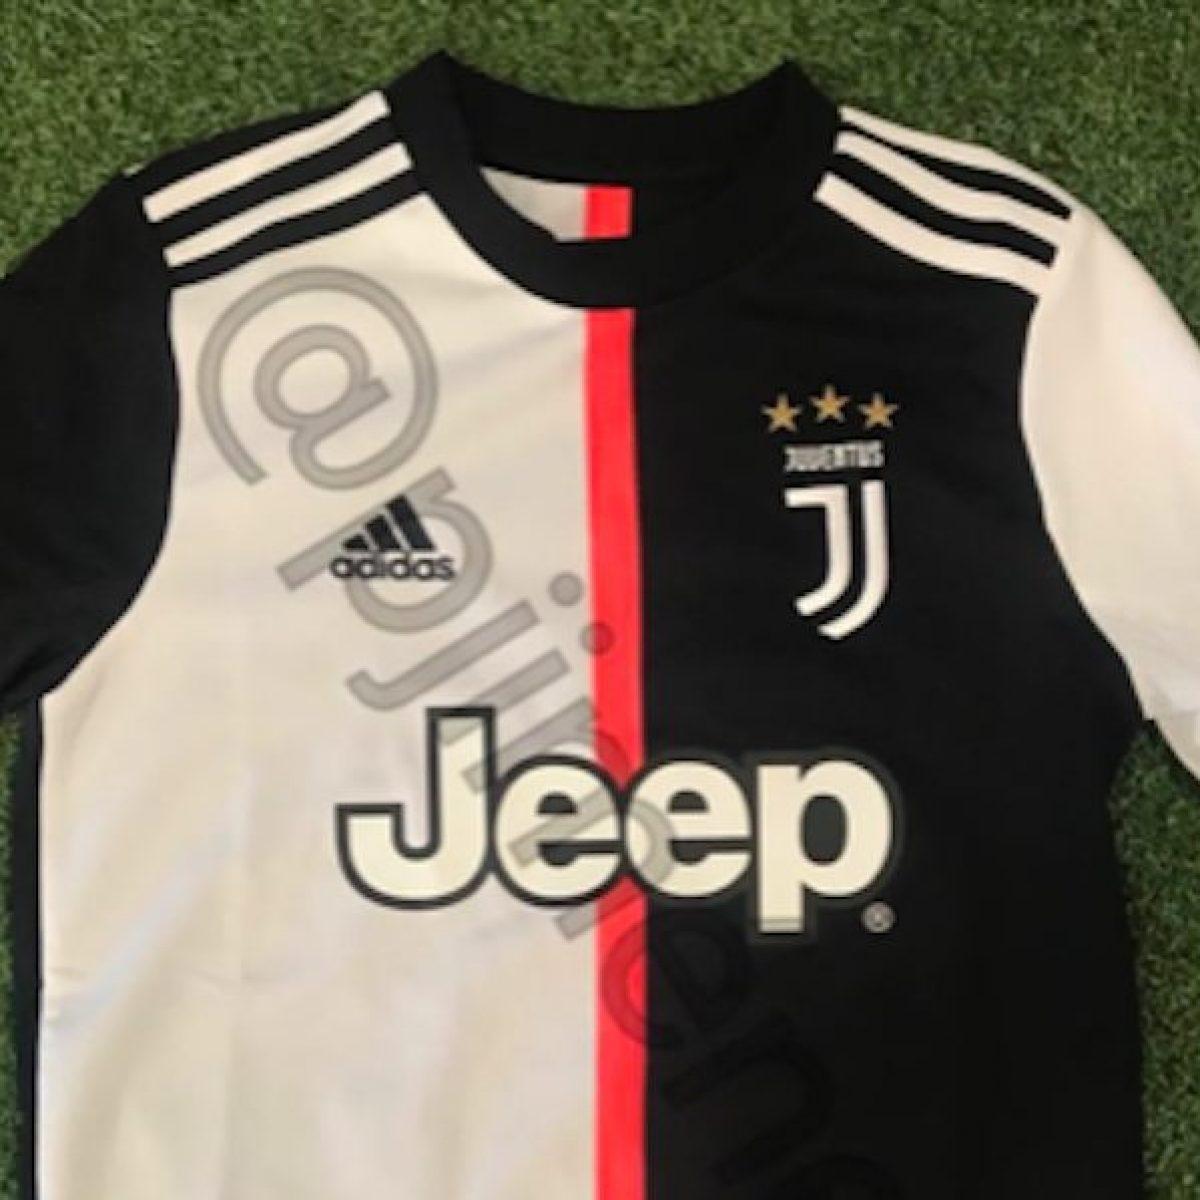 Juventus, confermata la prima maglia 2019/2020: via le storiche ...